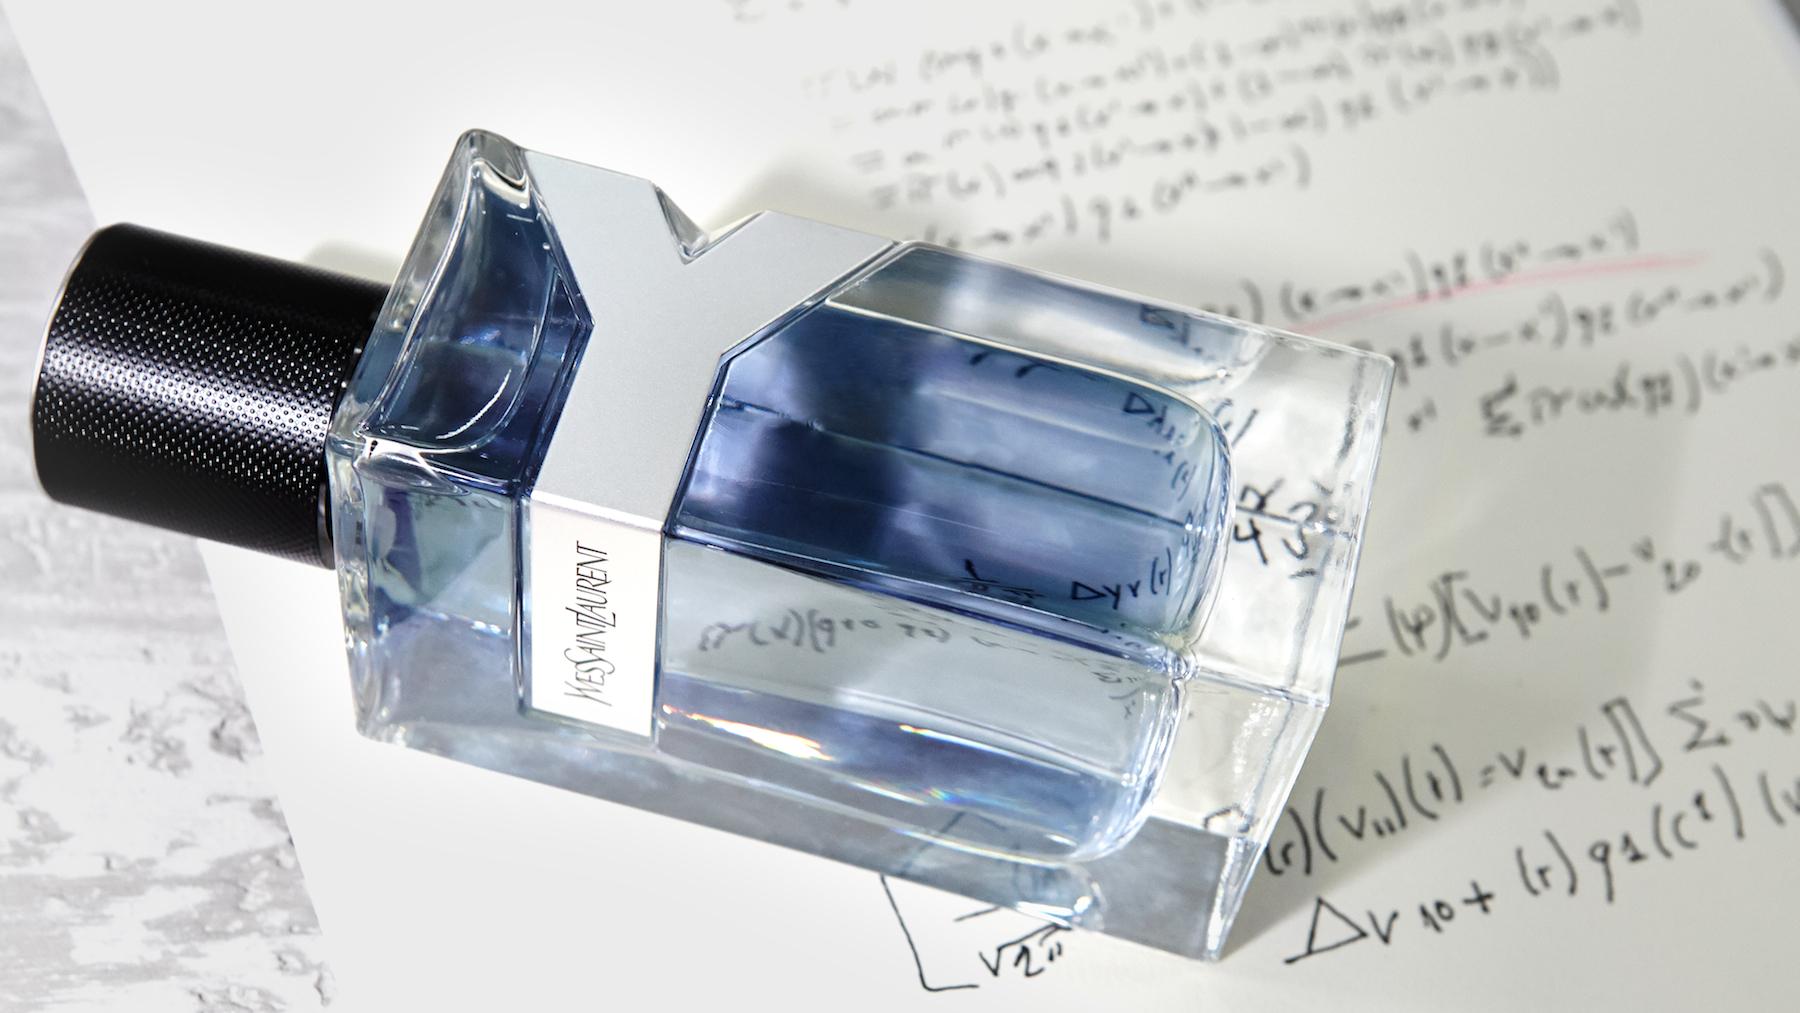 yves saint laurent y a fragrance for gen y new fragrances. Black Bedroom Furniture Sets. Home Design Ideas